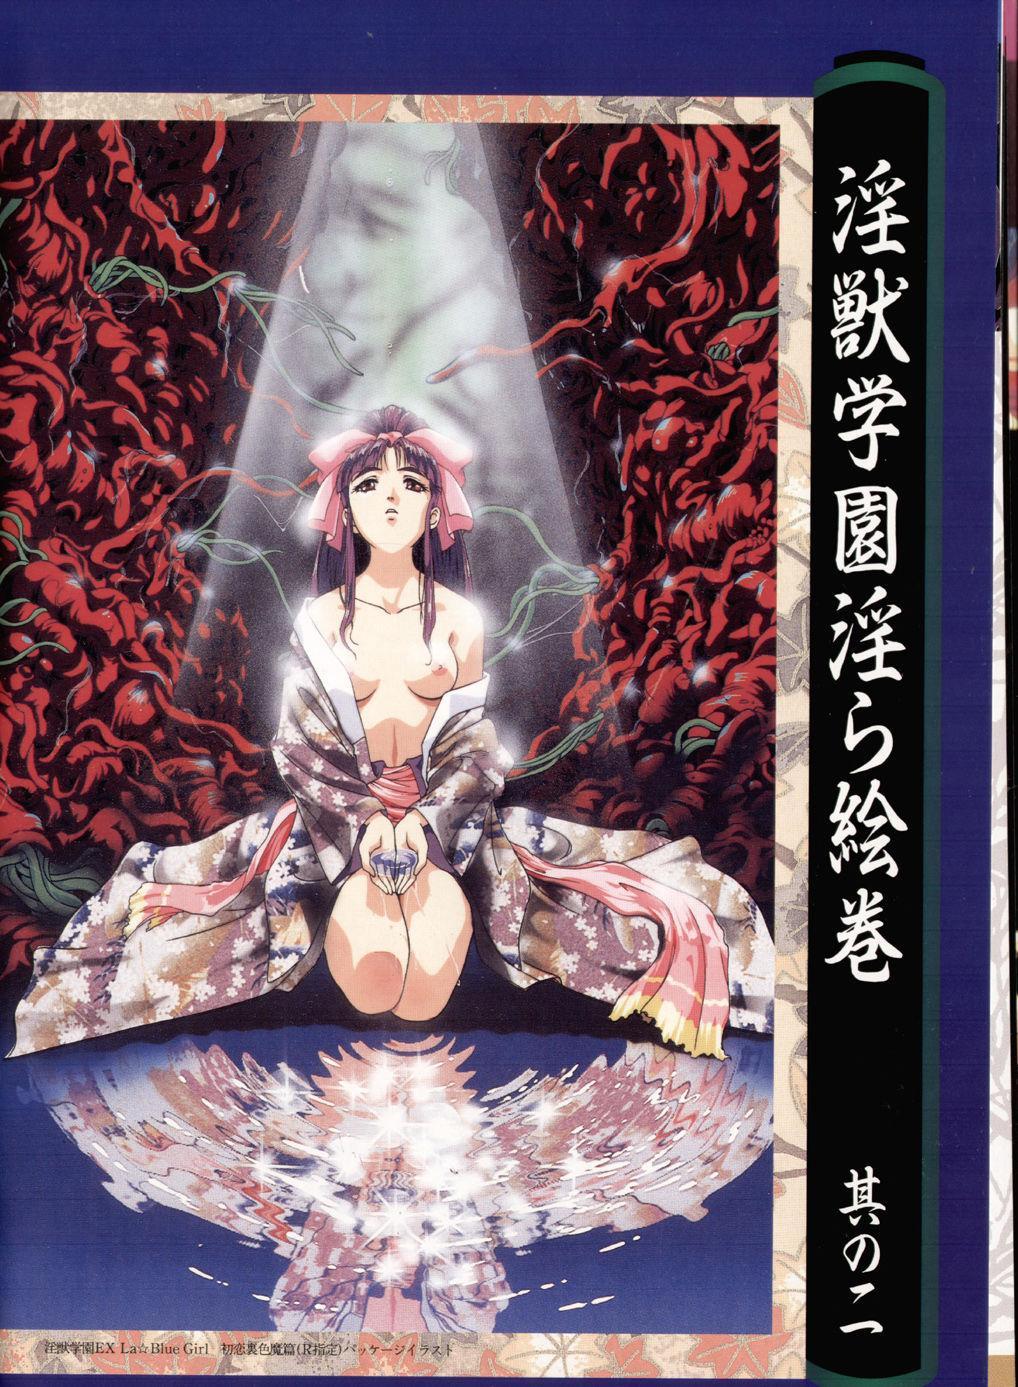 Injuu Gakuen You no Shou Secret File 51